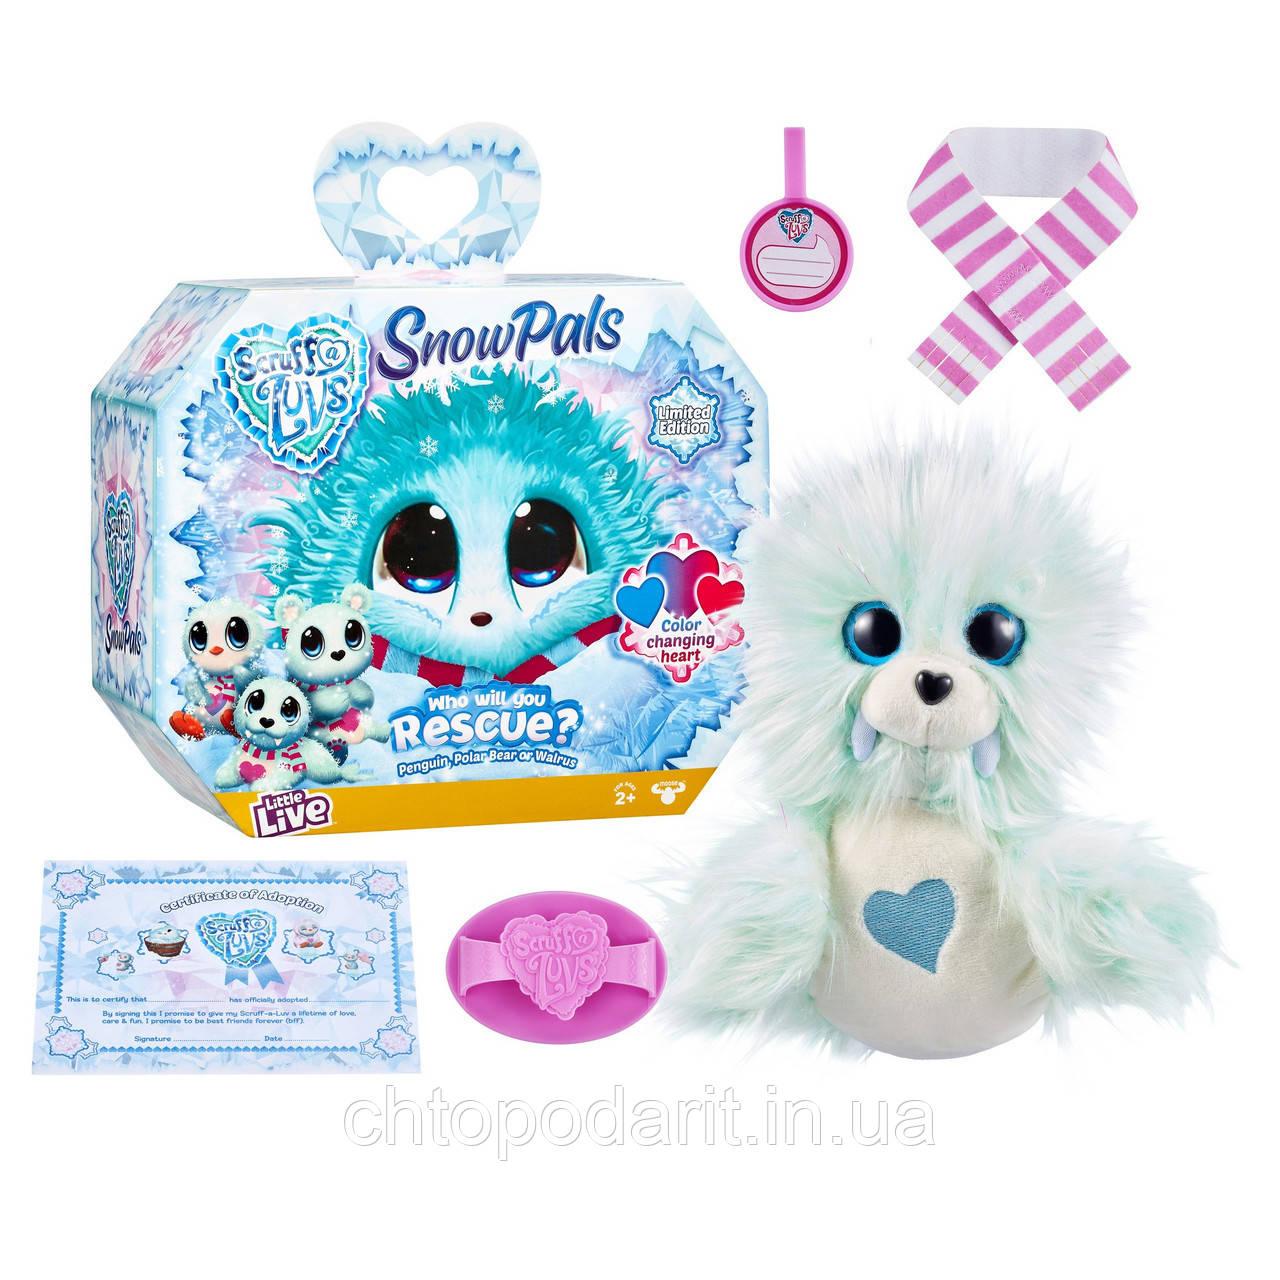 Пушистик потеряшка «Снежные друзья» игрушка сюрприз Scruff A Luvs Snow Pals Код 12-1831